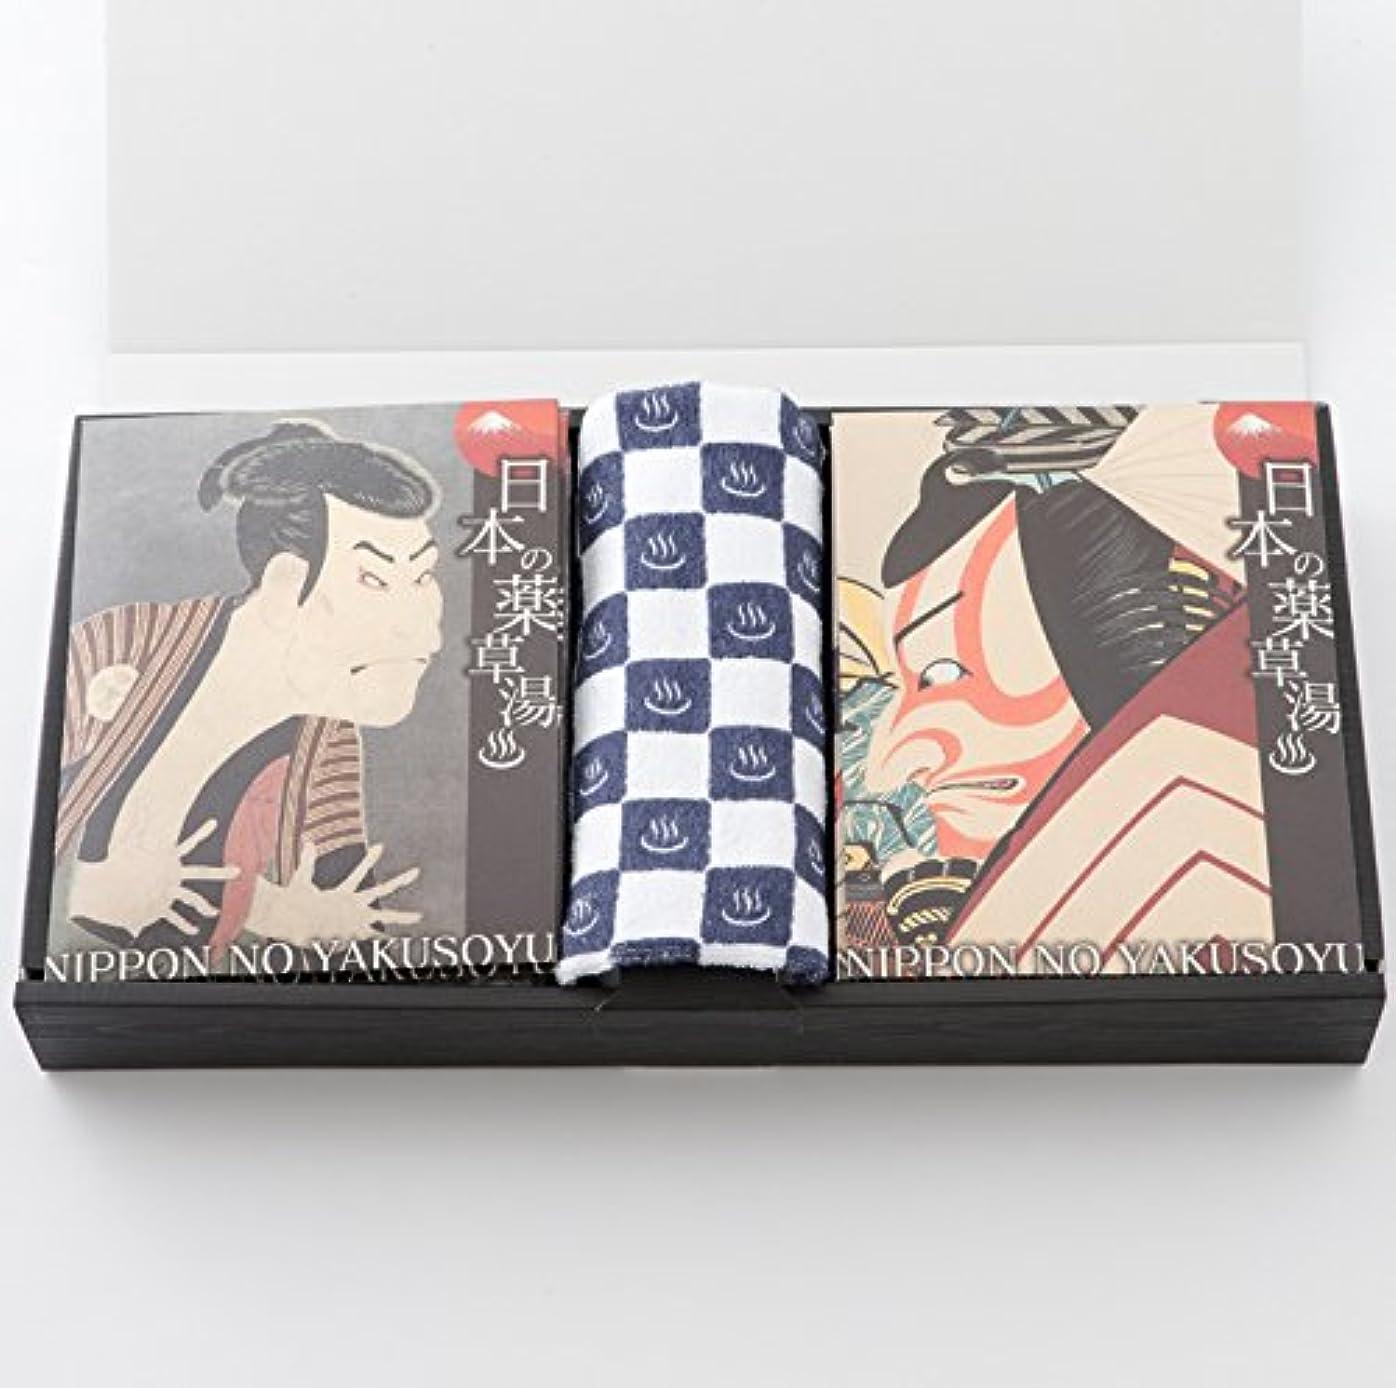 日本の薬草湯と湯めぐりタオルギフト (日本の薬草湯9包+湯めぐりタオル1本)